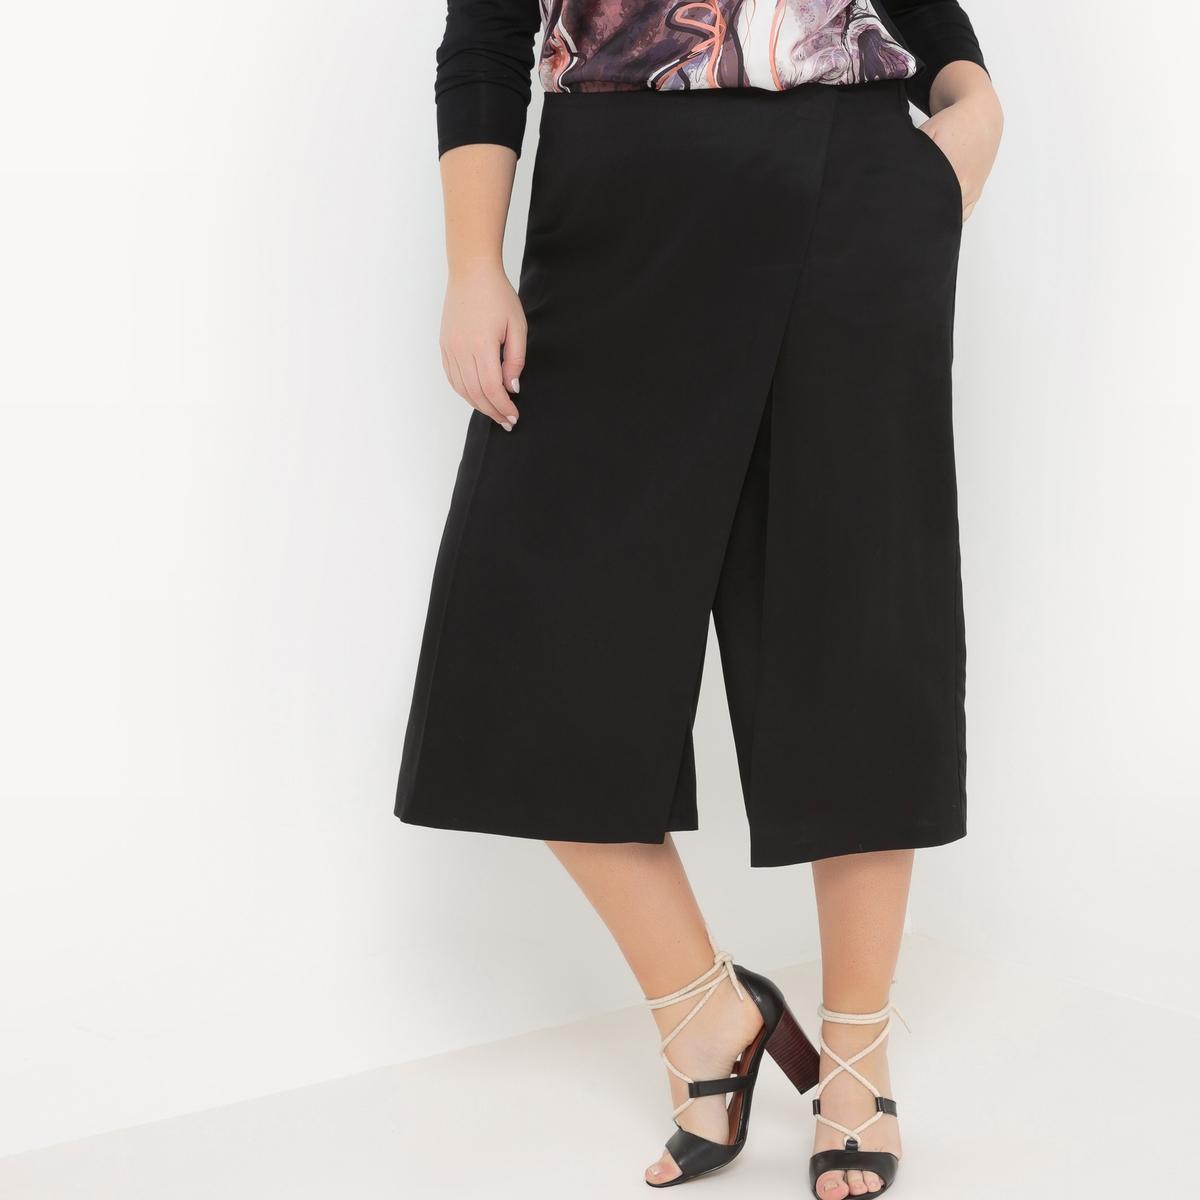 Юбка-брюкиЮбка-брюки Mellem из тенсела, вставка спереди для имитации юбки. Эластичный пояс, регулируемый сзади. 100% вискоза<br><br>Цвет: черный<br>Размер: 46 (FR) - 52 (RUS).52 (FR) - 58 (RUS).48 (FR) - 54 (RUS)